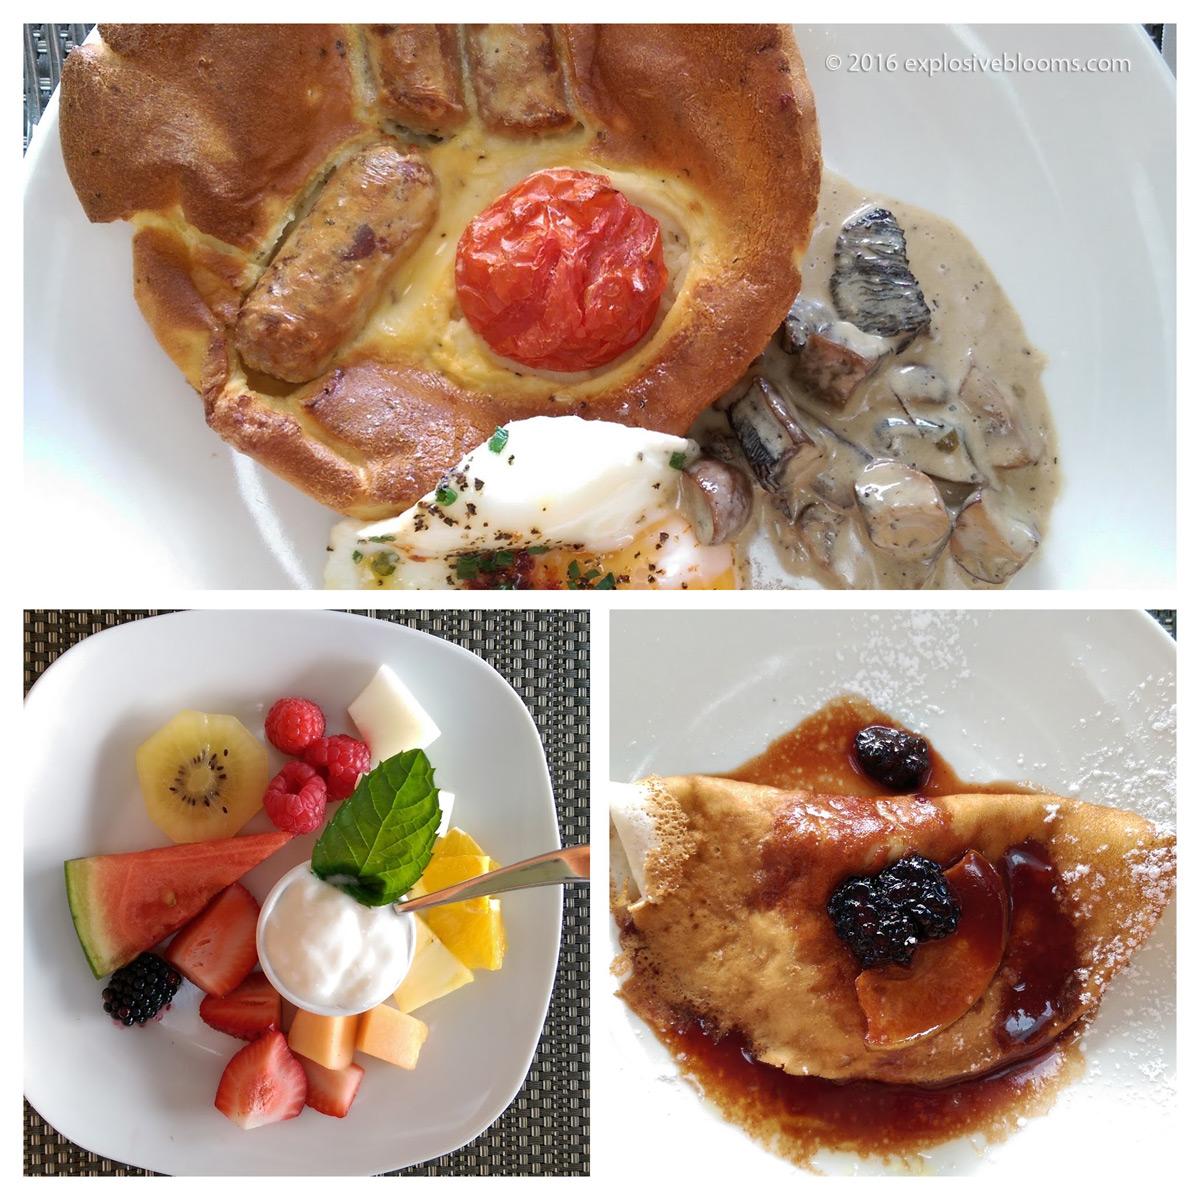 Breakfast by Steve